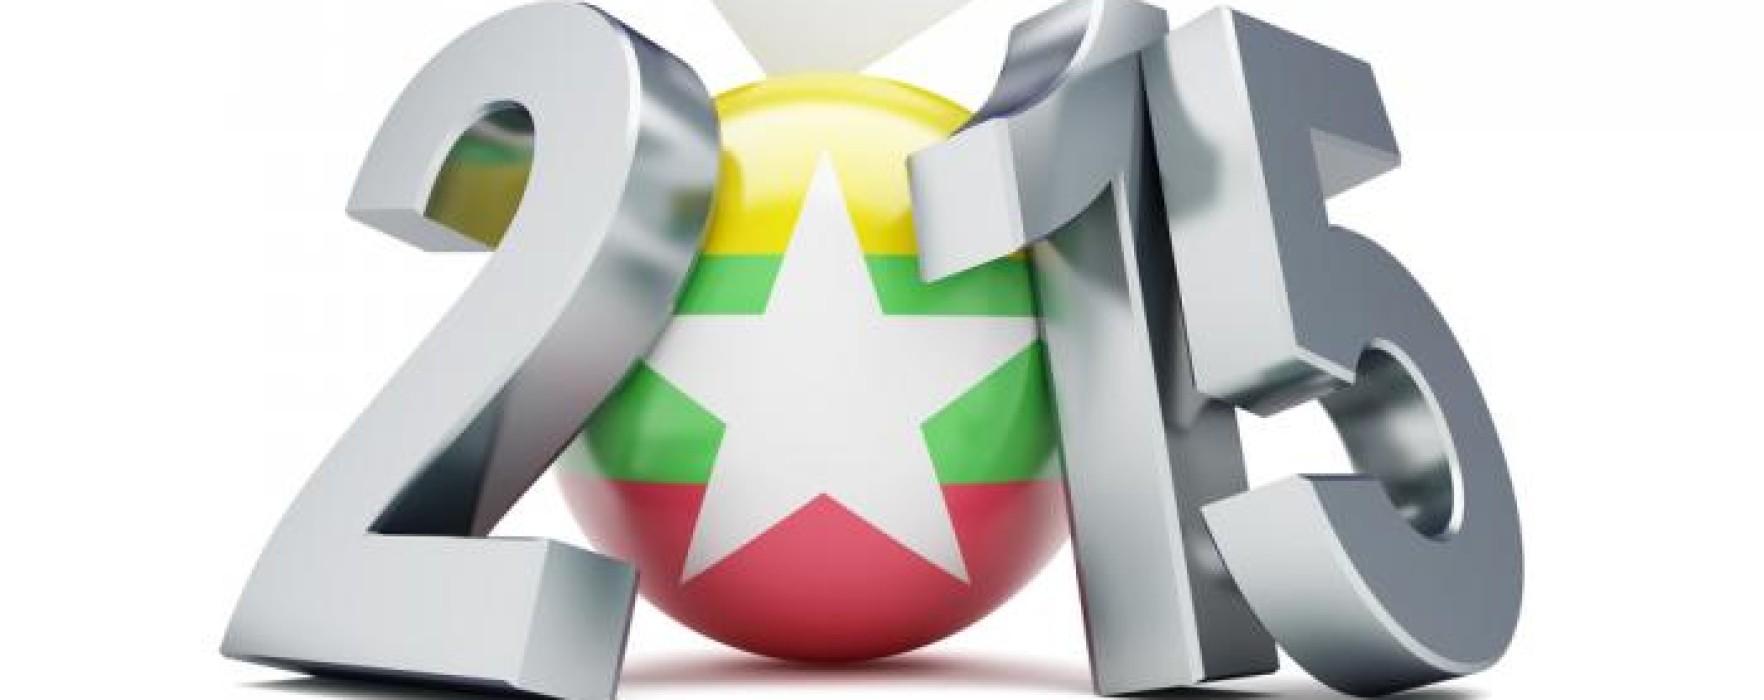 2015 Myanmar Election ah Party pawl in tohkham ngahzat